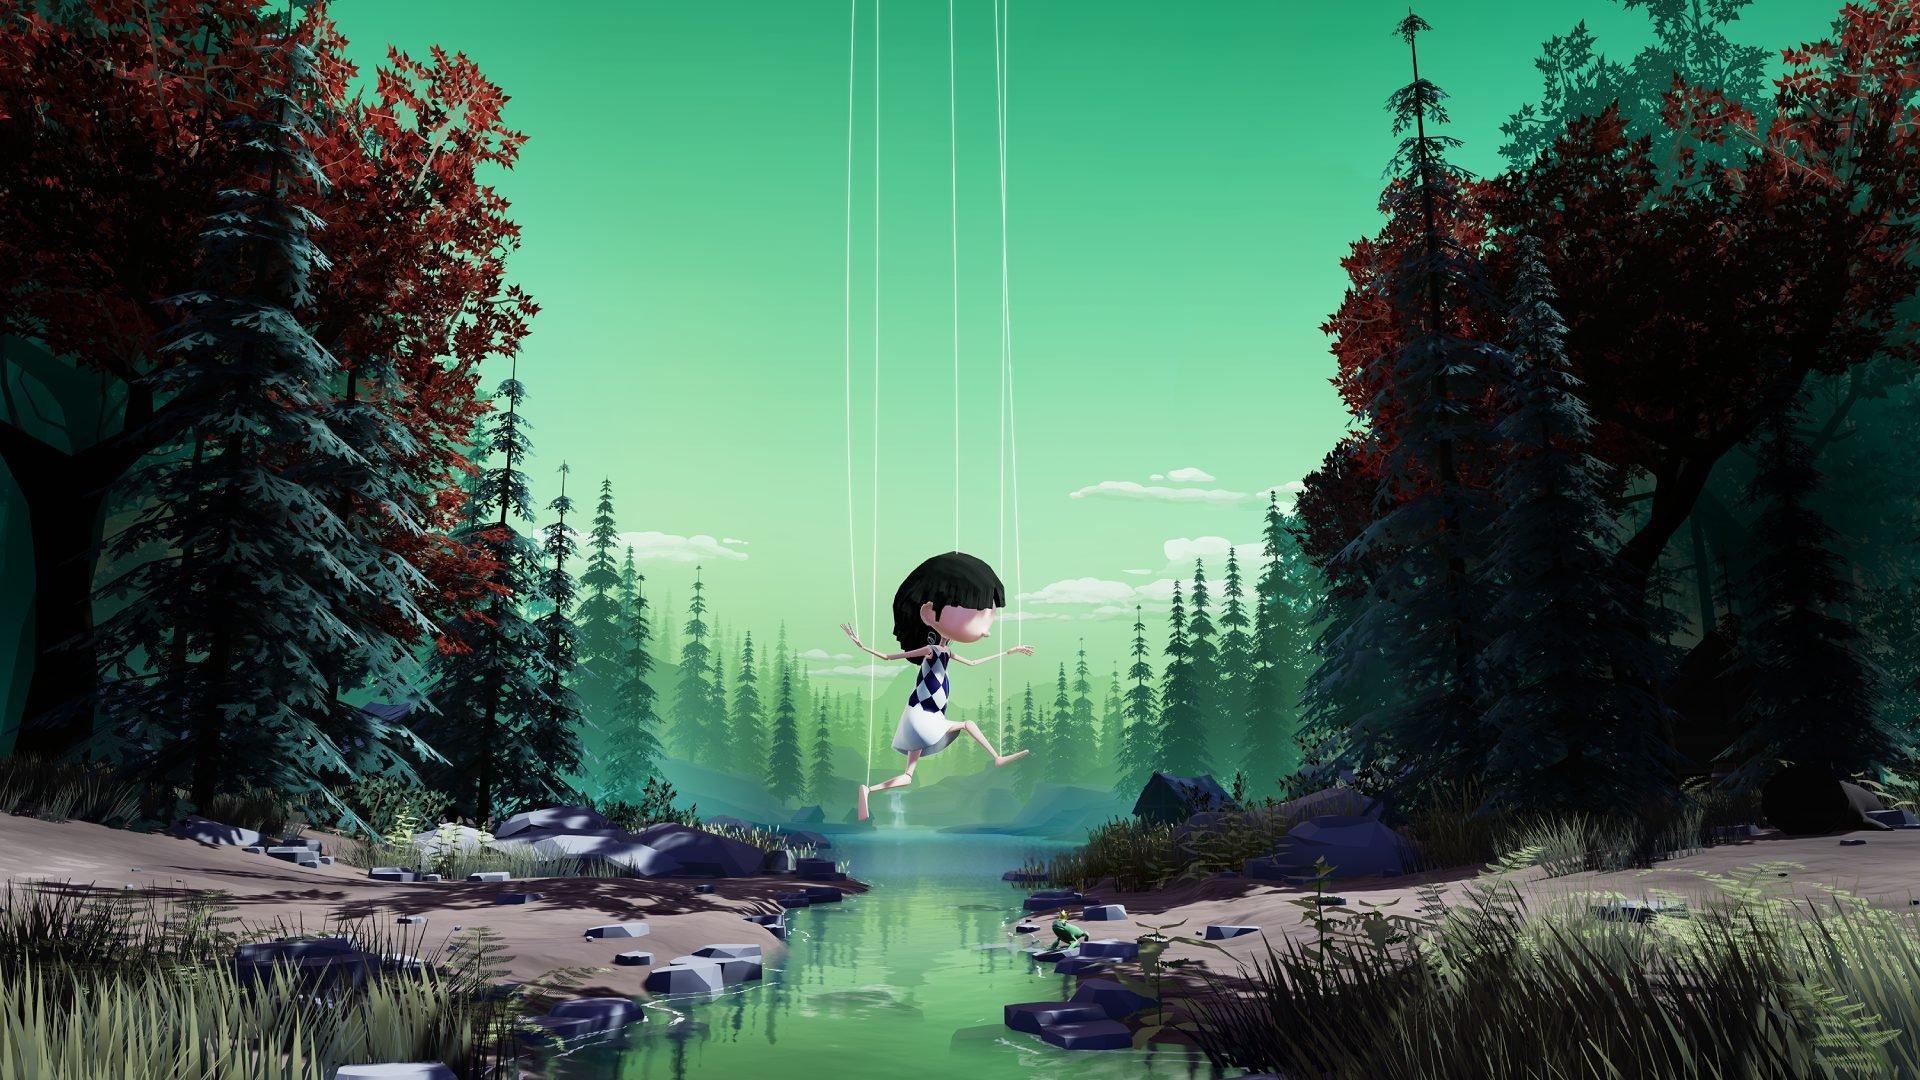 A Juggler's Tale – V hlavnej úlohe bábka na špagátoch.